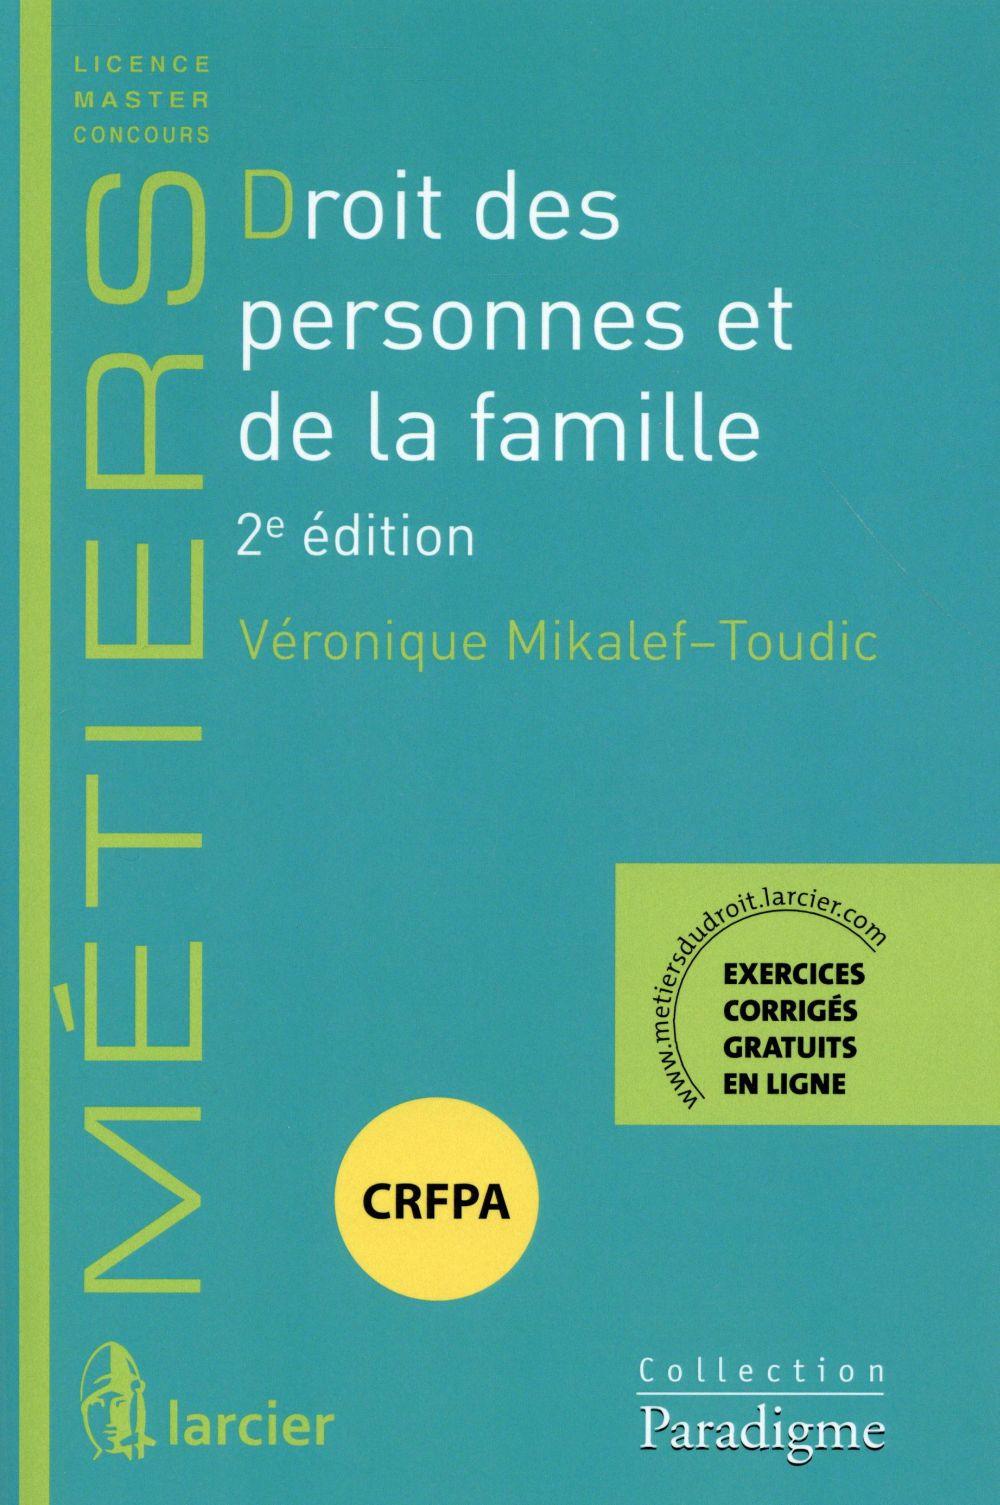 Droit des personnes et de la famille (2e édition)